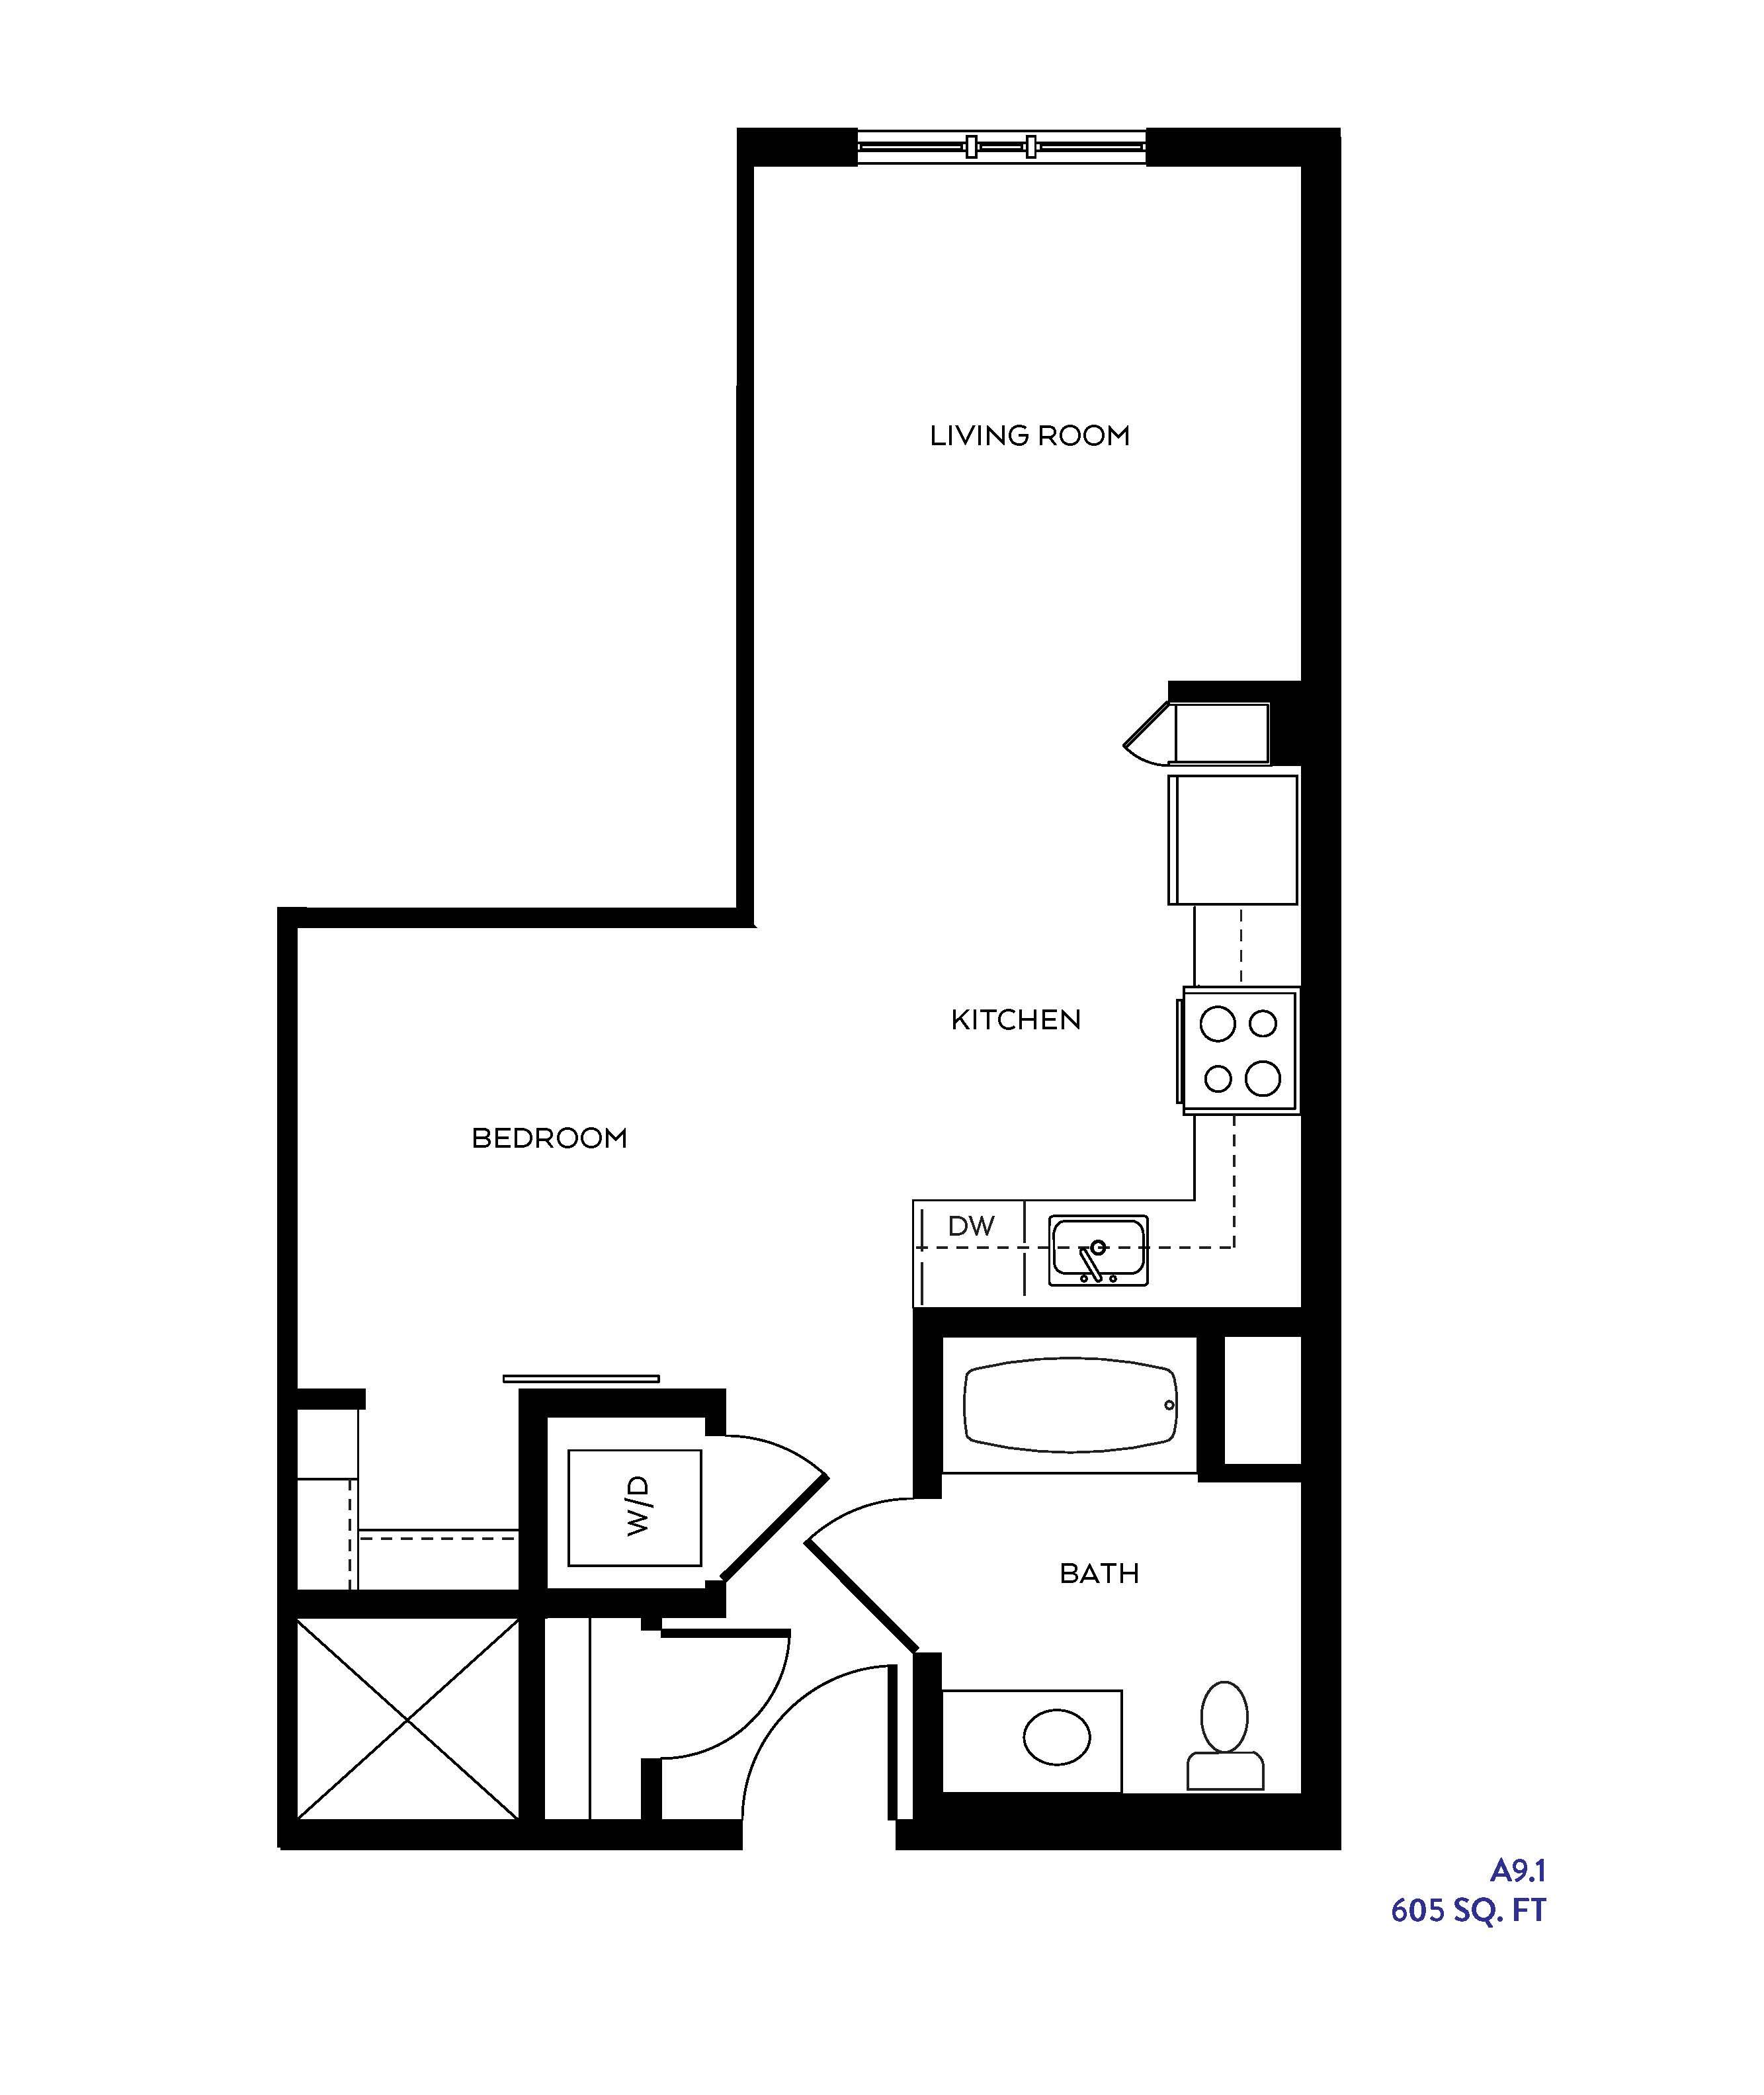 The S4 floor plan